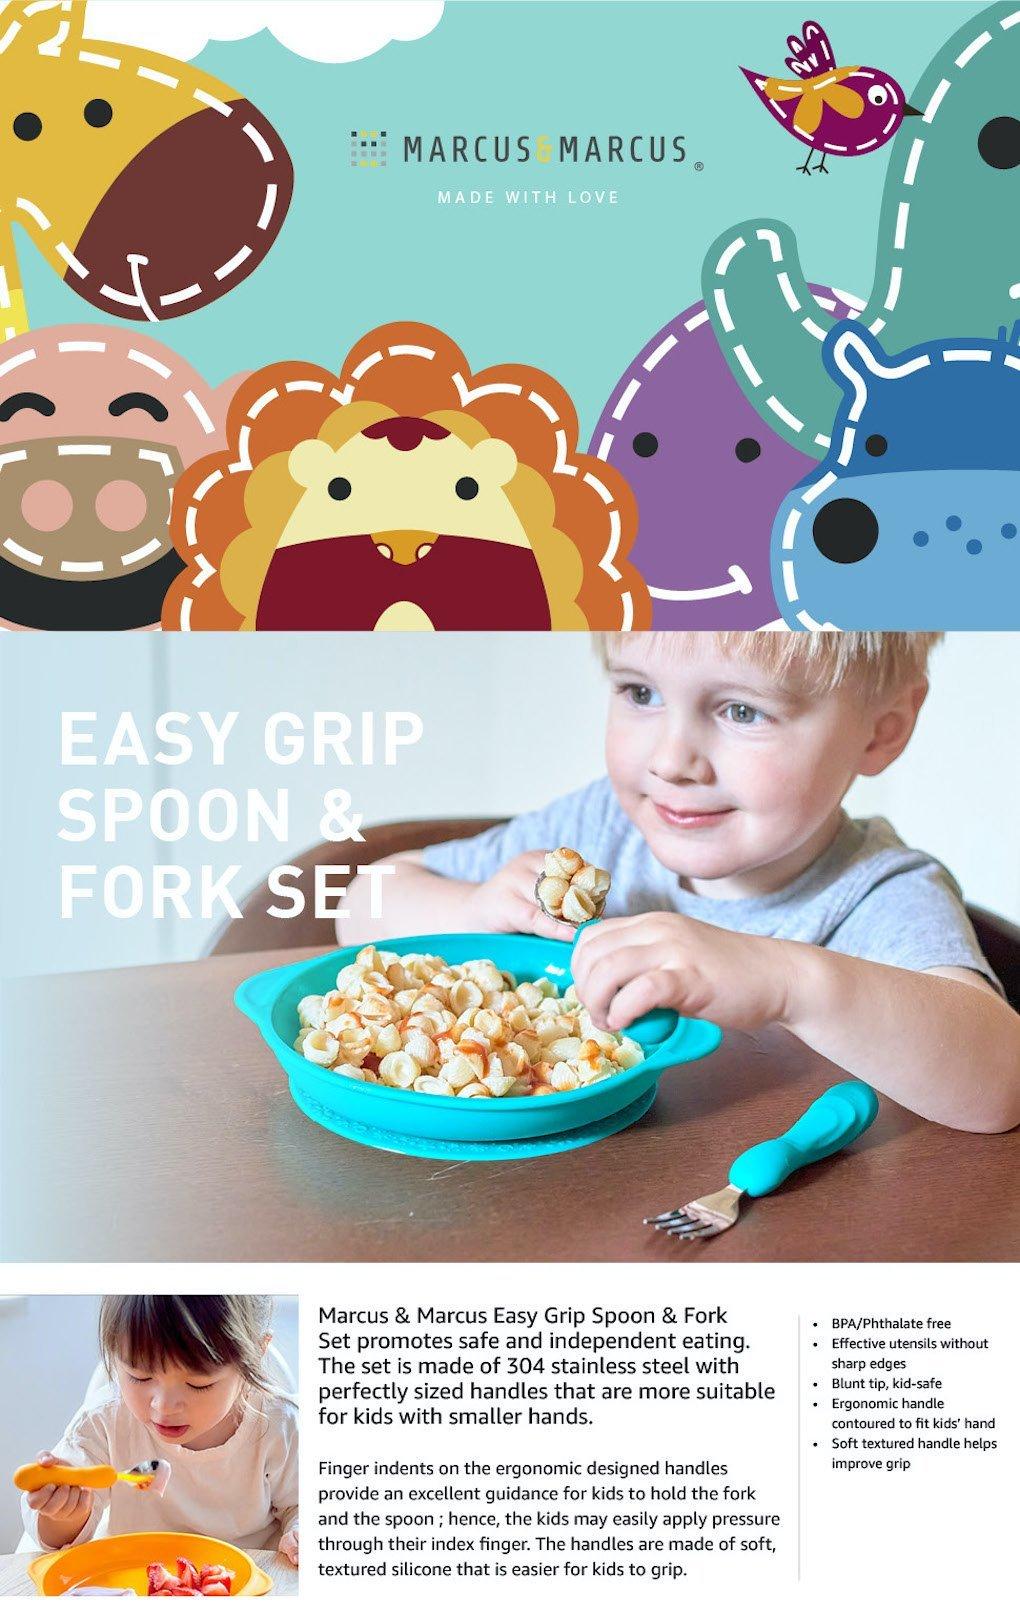 Easy Grip Spoon & Fork Set